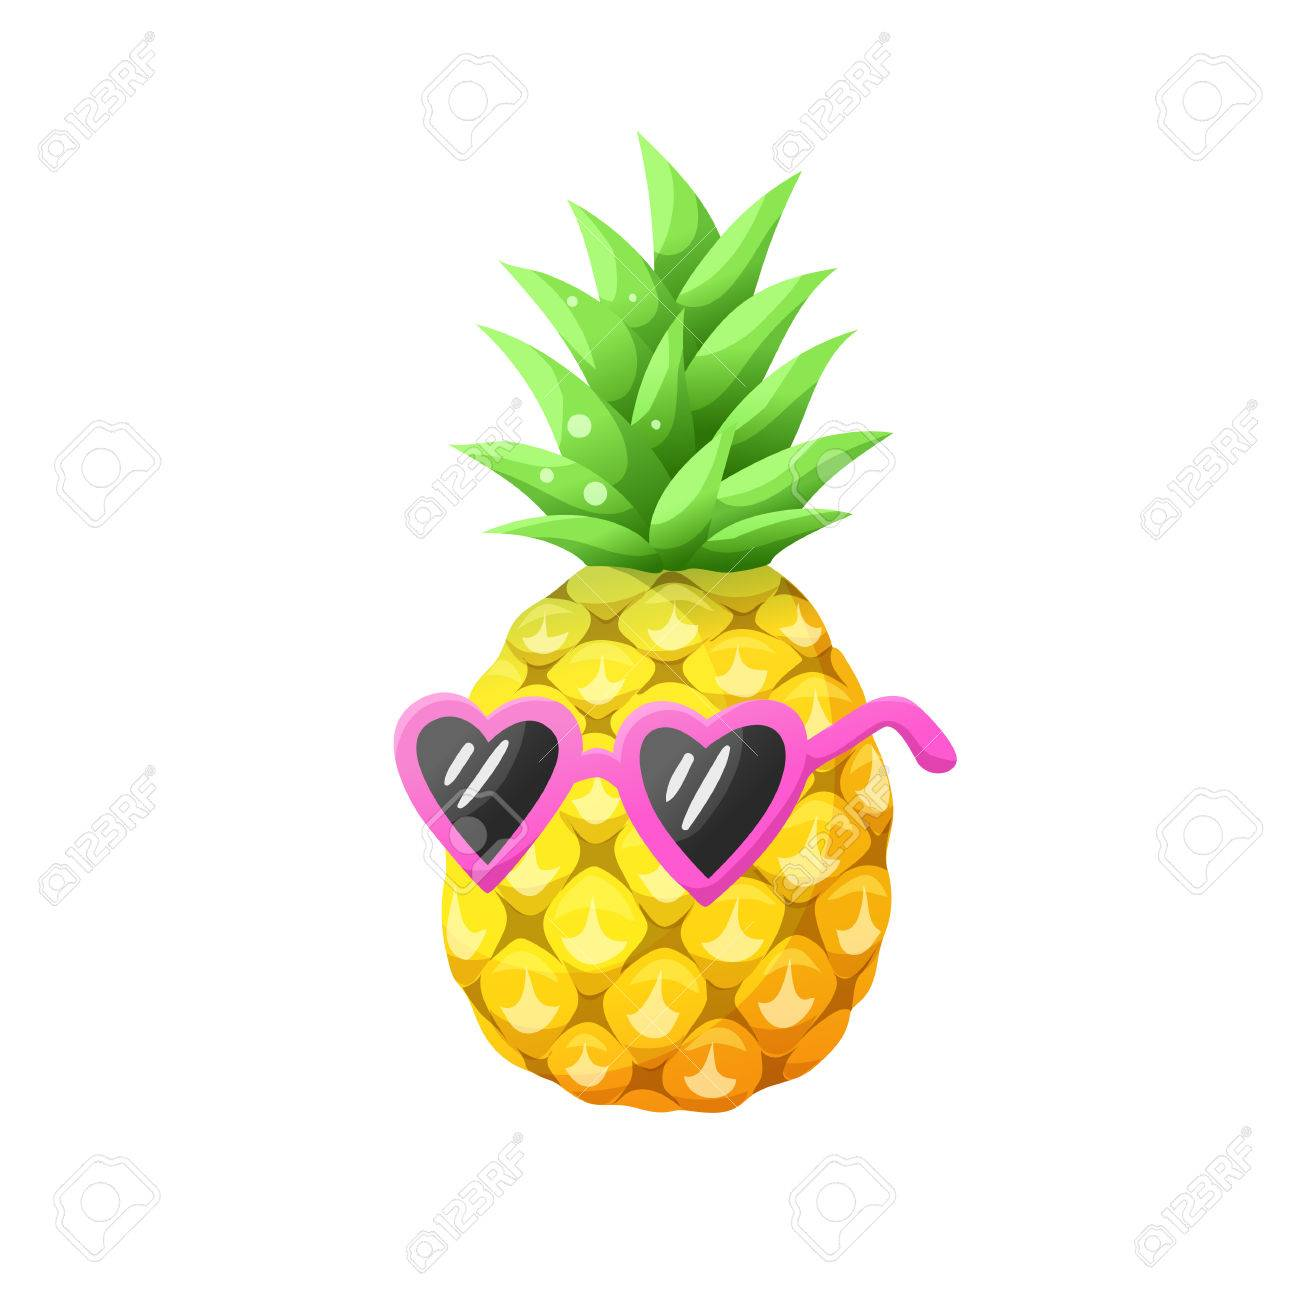 Icône Dananas Dessin Animée Brillante Ananas Coloré Dans Des Lunettes De Soleil Isolées Sur Fond Blanc Illustration Vectorielle